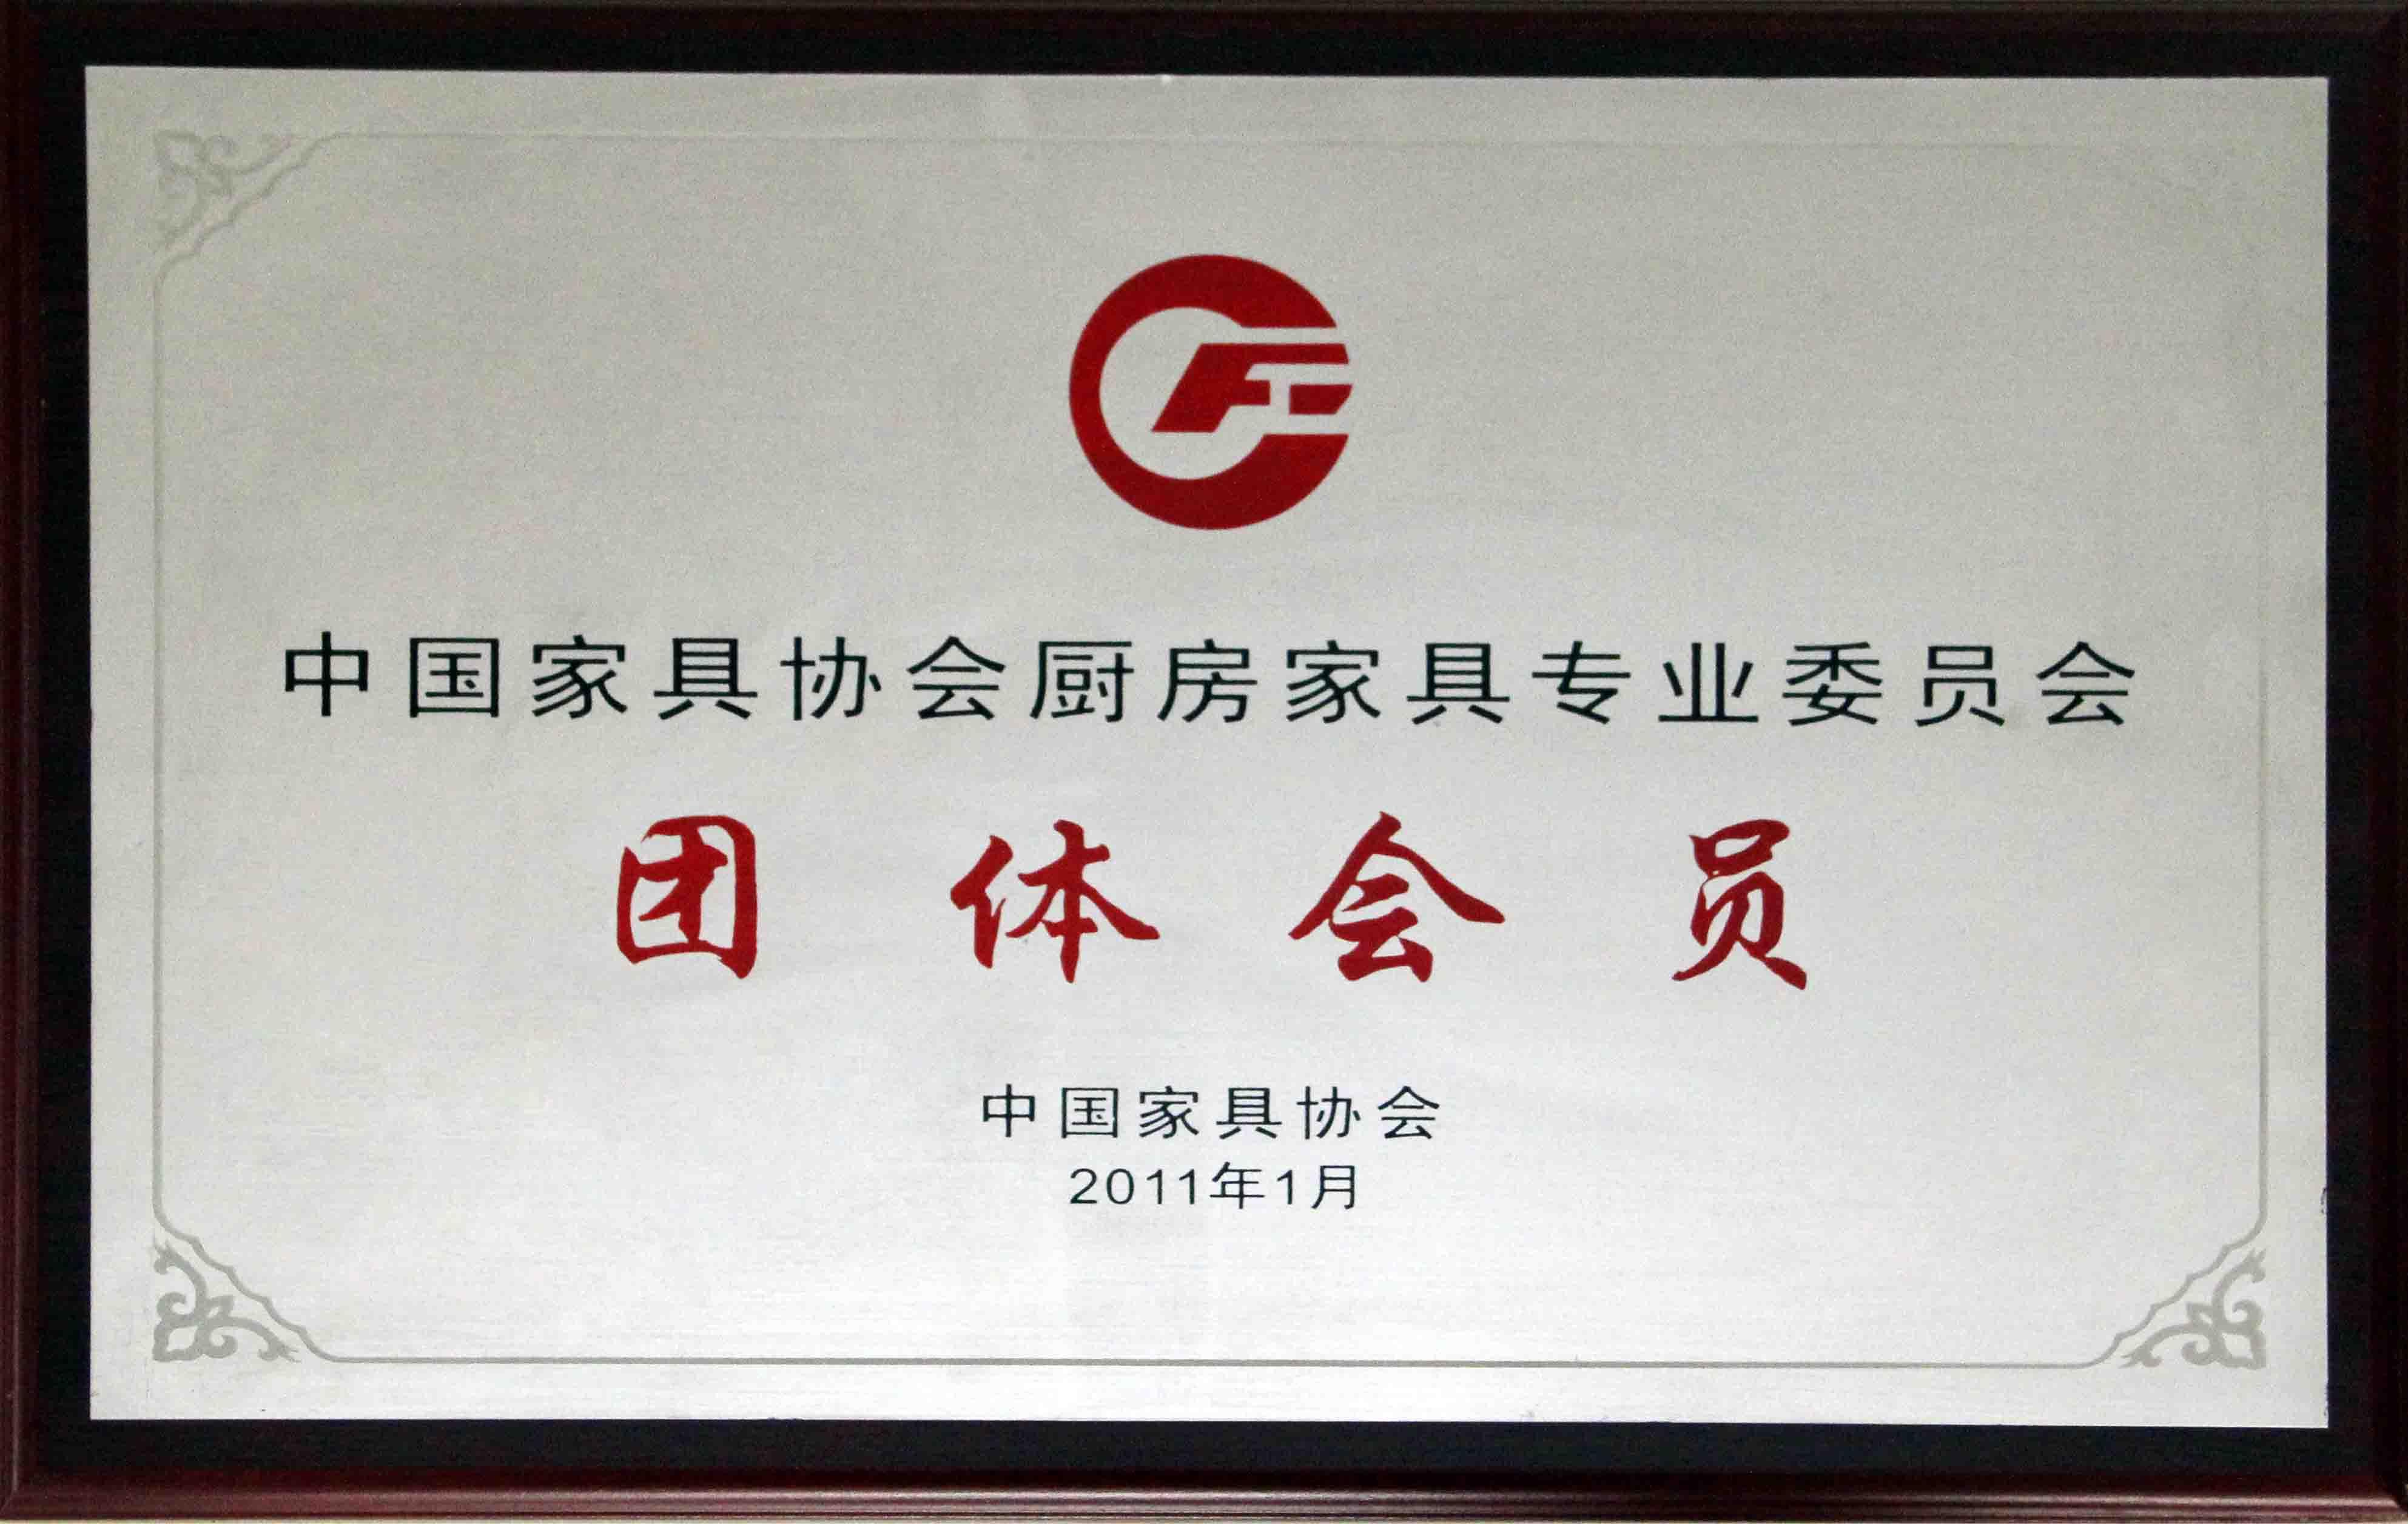 中国家具协会厨房家具行业委员团体会员